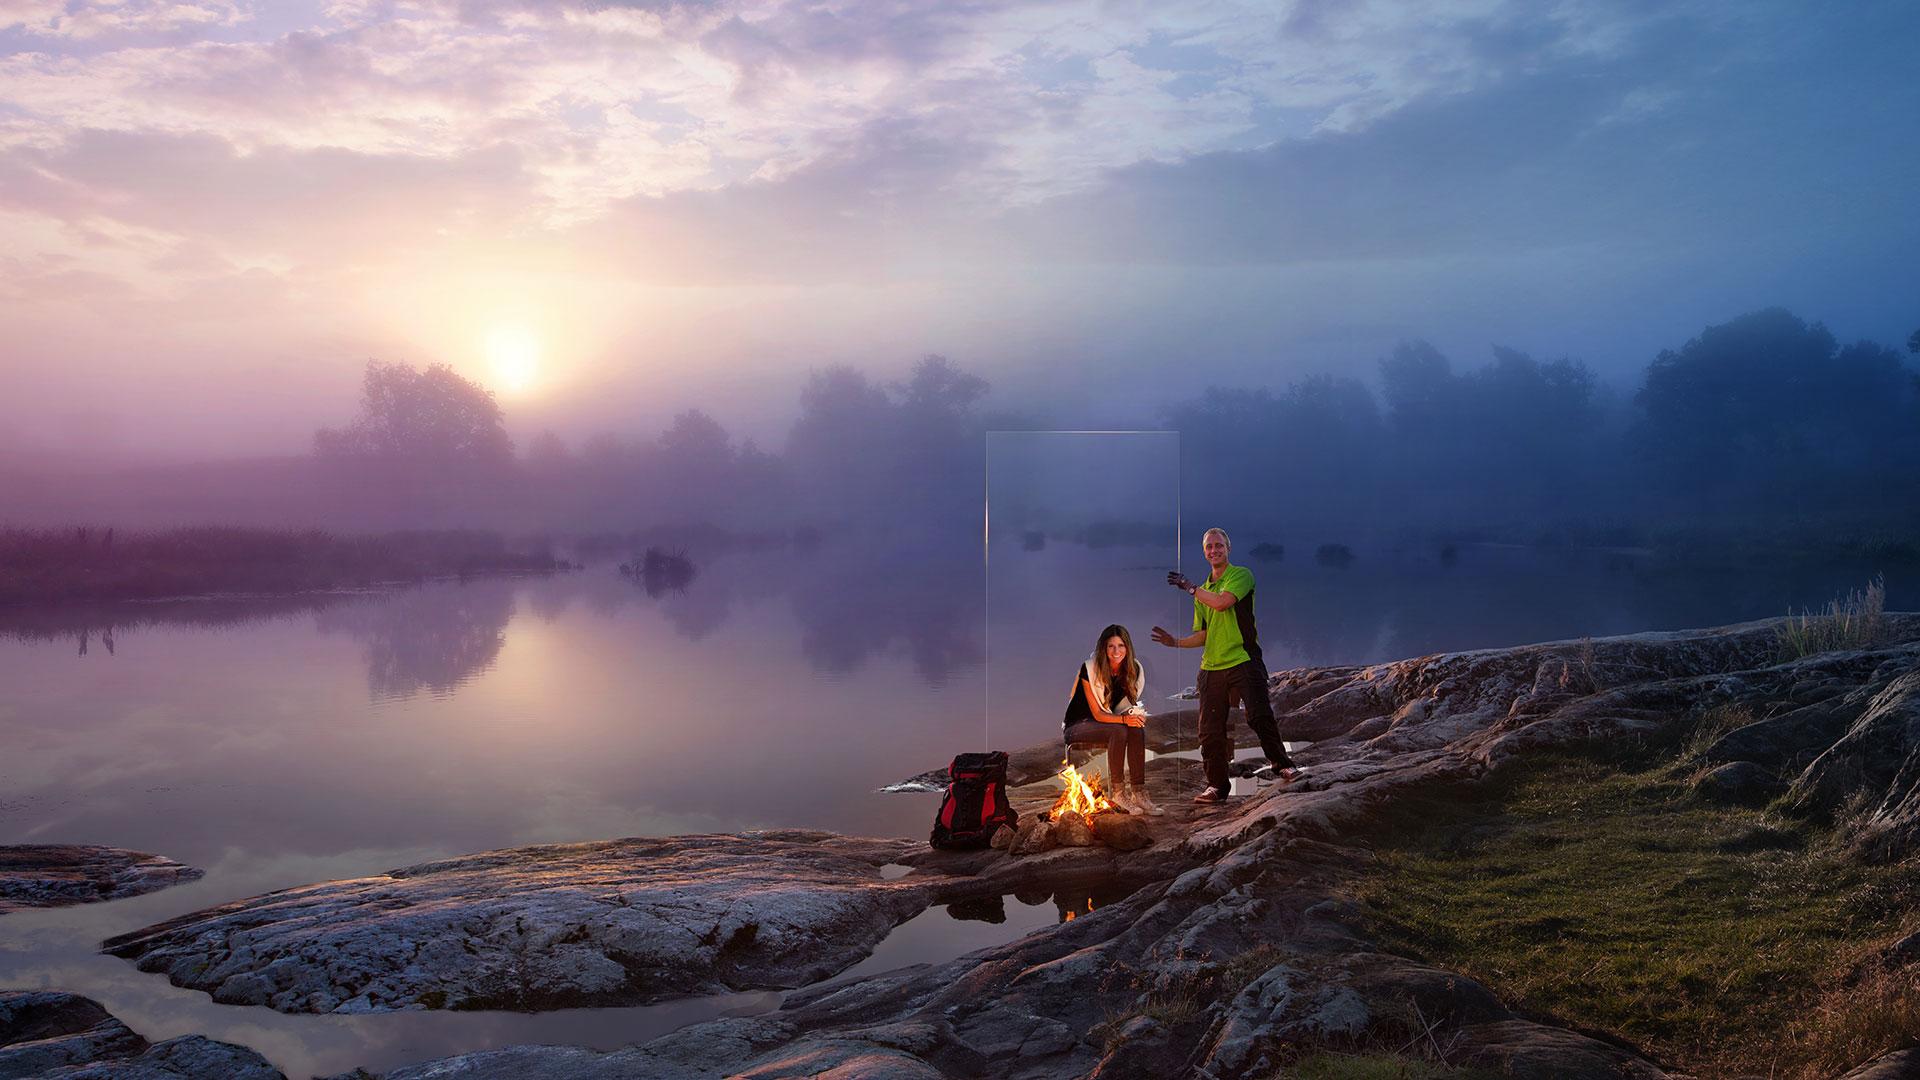 Vacker natur, solnedgång vid stilla vatten och klippor, vid lägereld.